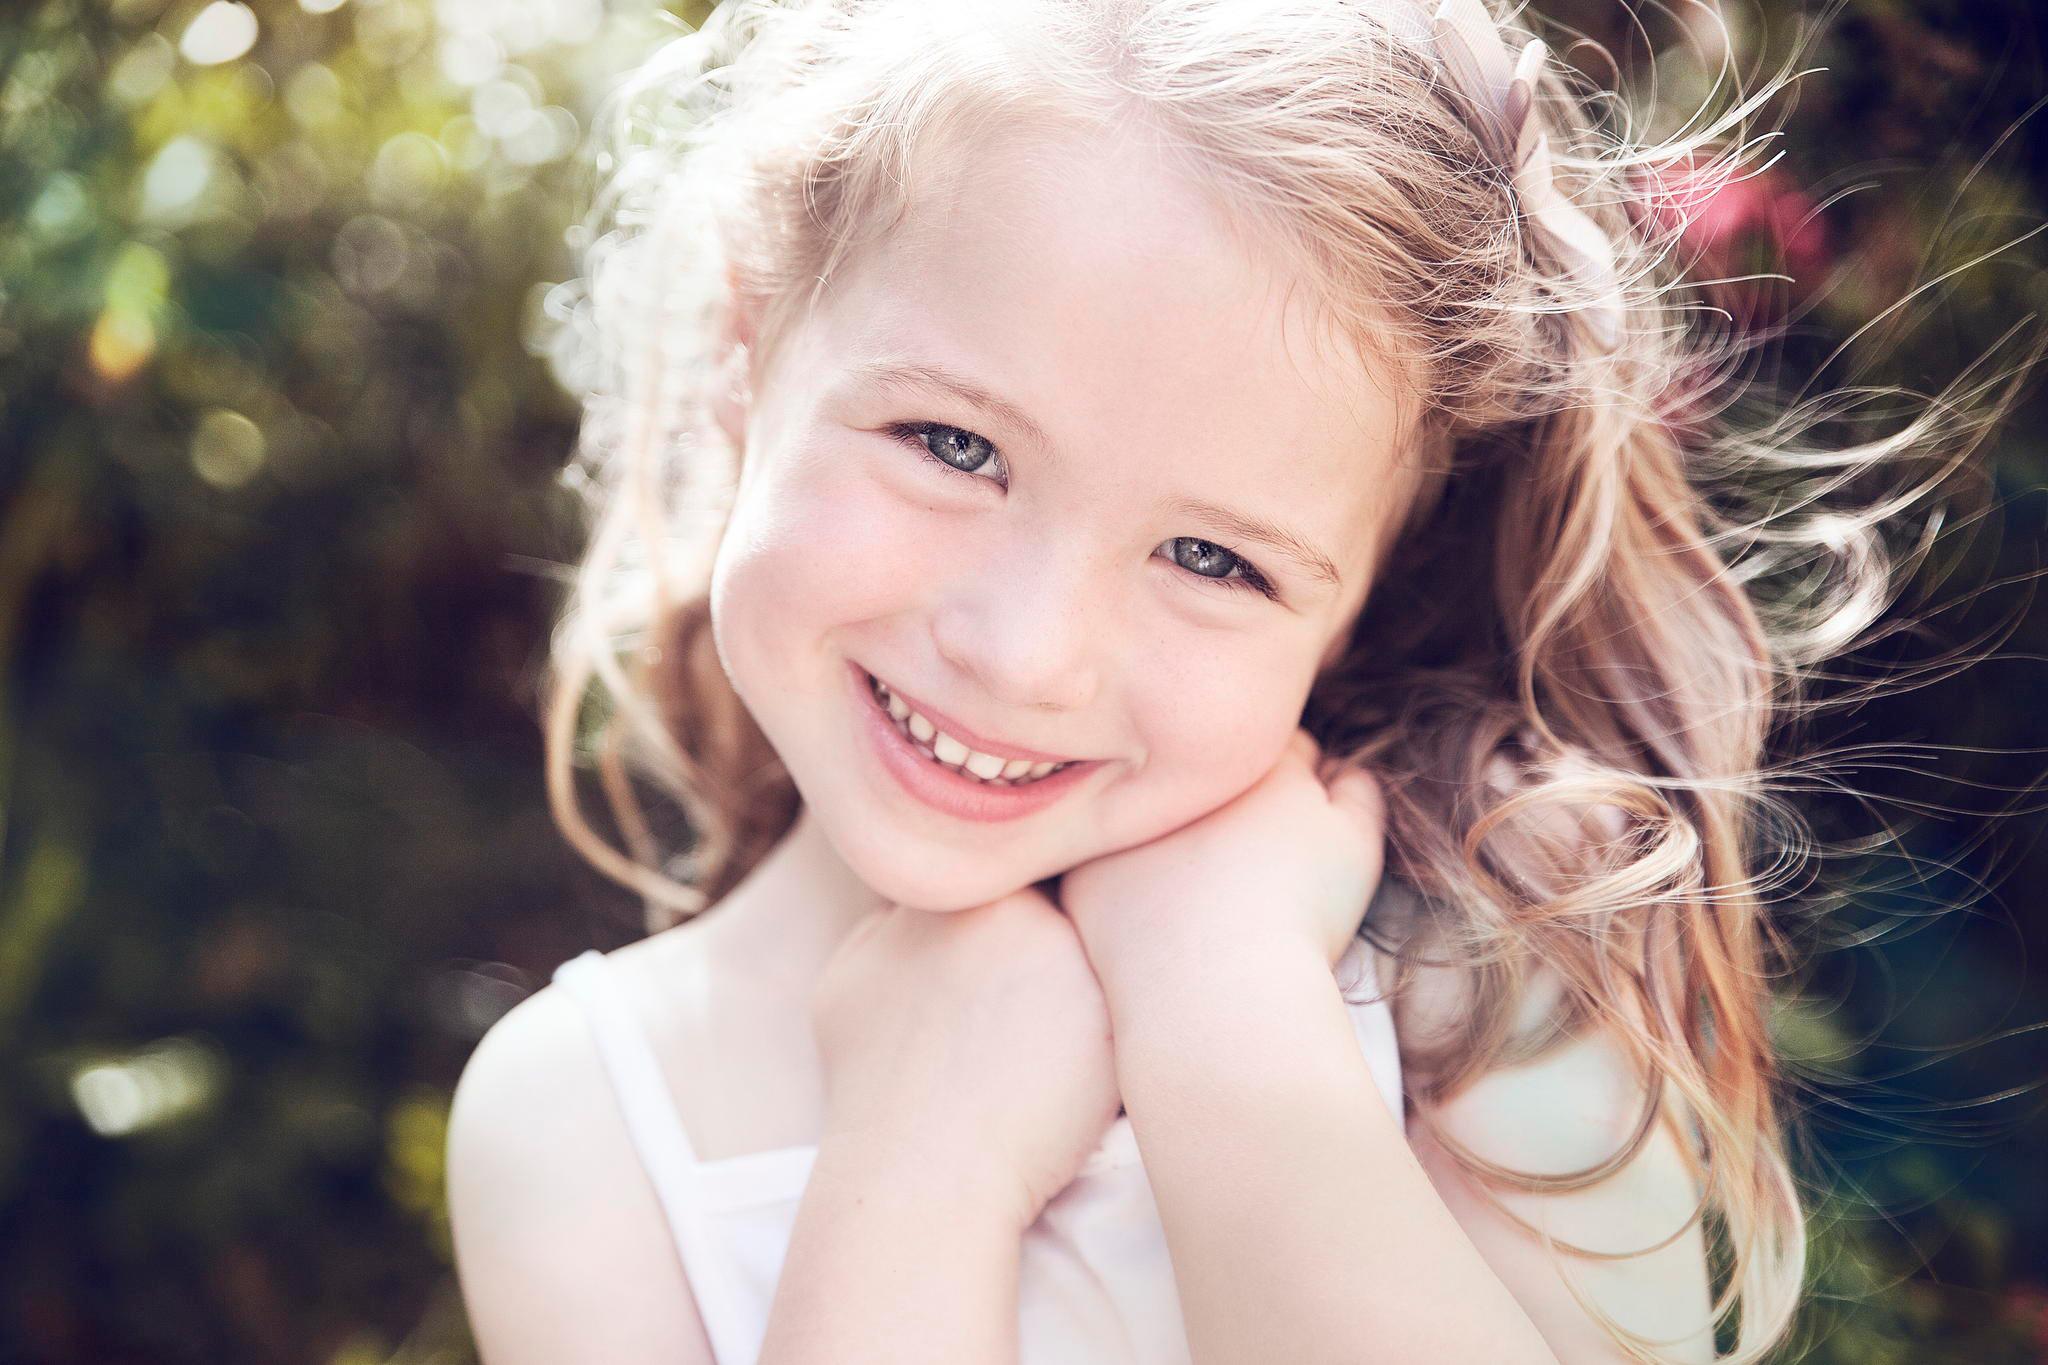 Смешные картинки с девочкой которая улыбается, джюс его деревянные